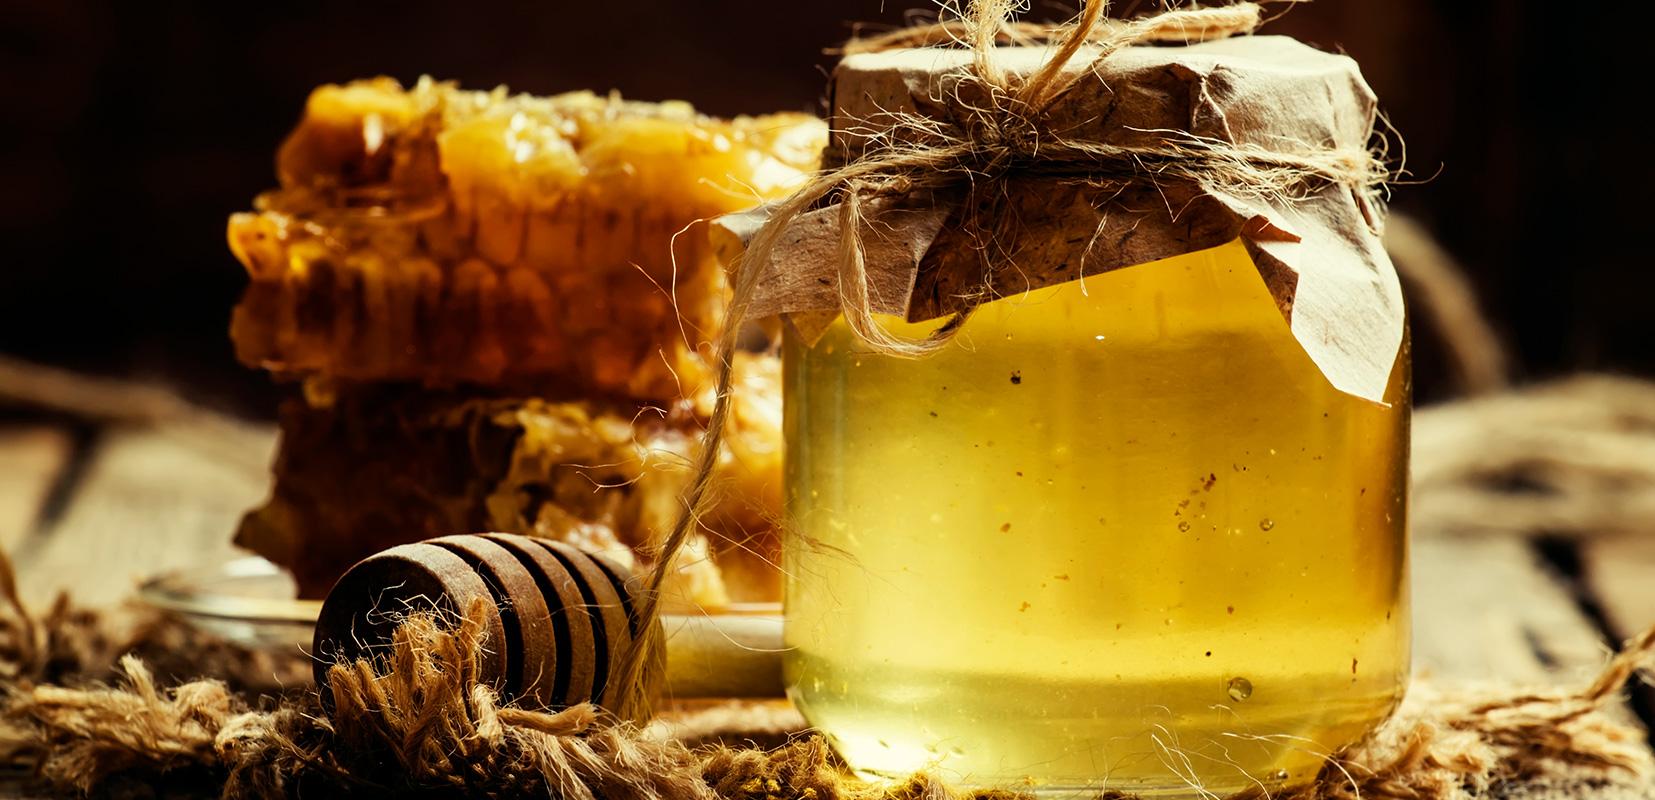 Giornata mondiale delle api:  ecco cinque semplici gesti per proteggerle.